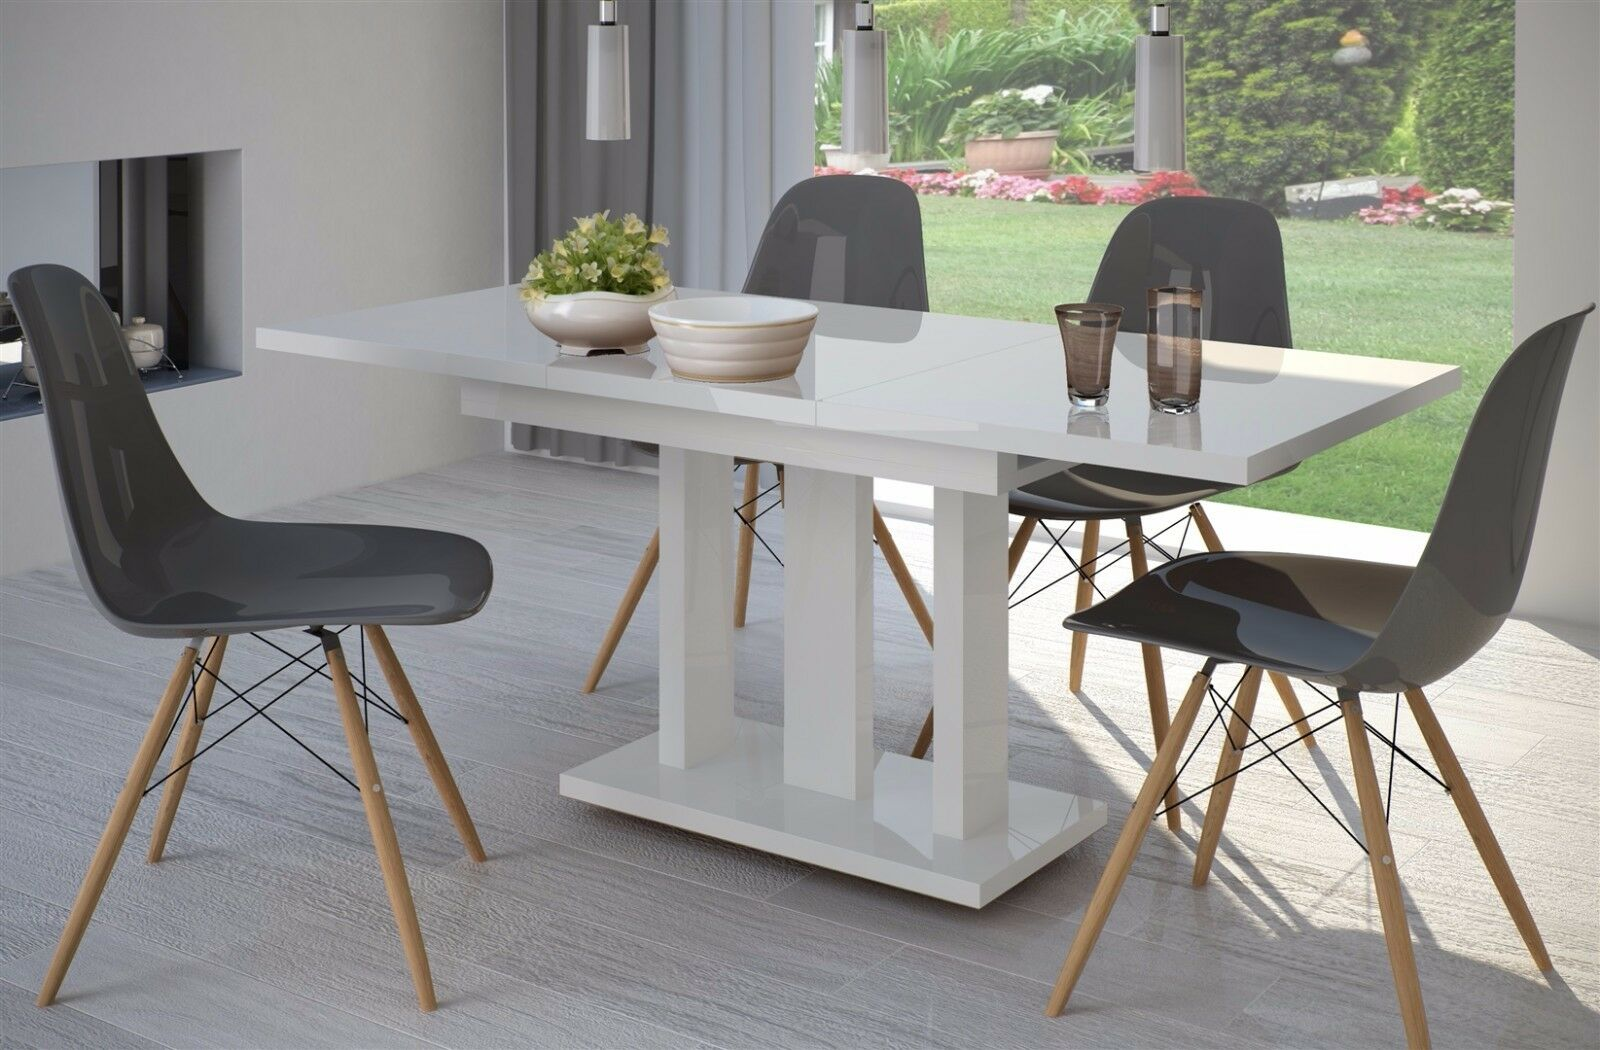 Säulentisch Holz säulentisch hochglanz weiß esstisch ausziehbar holz auszugtisch